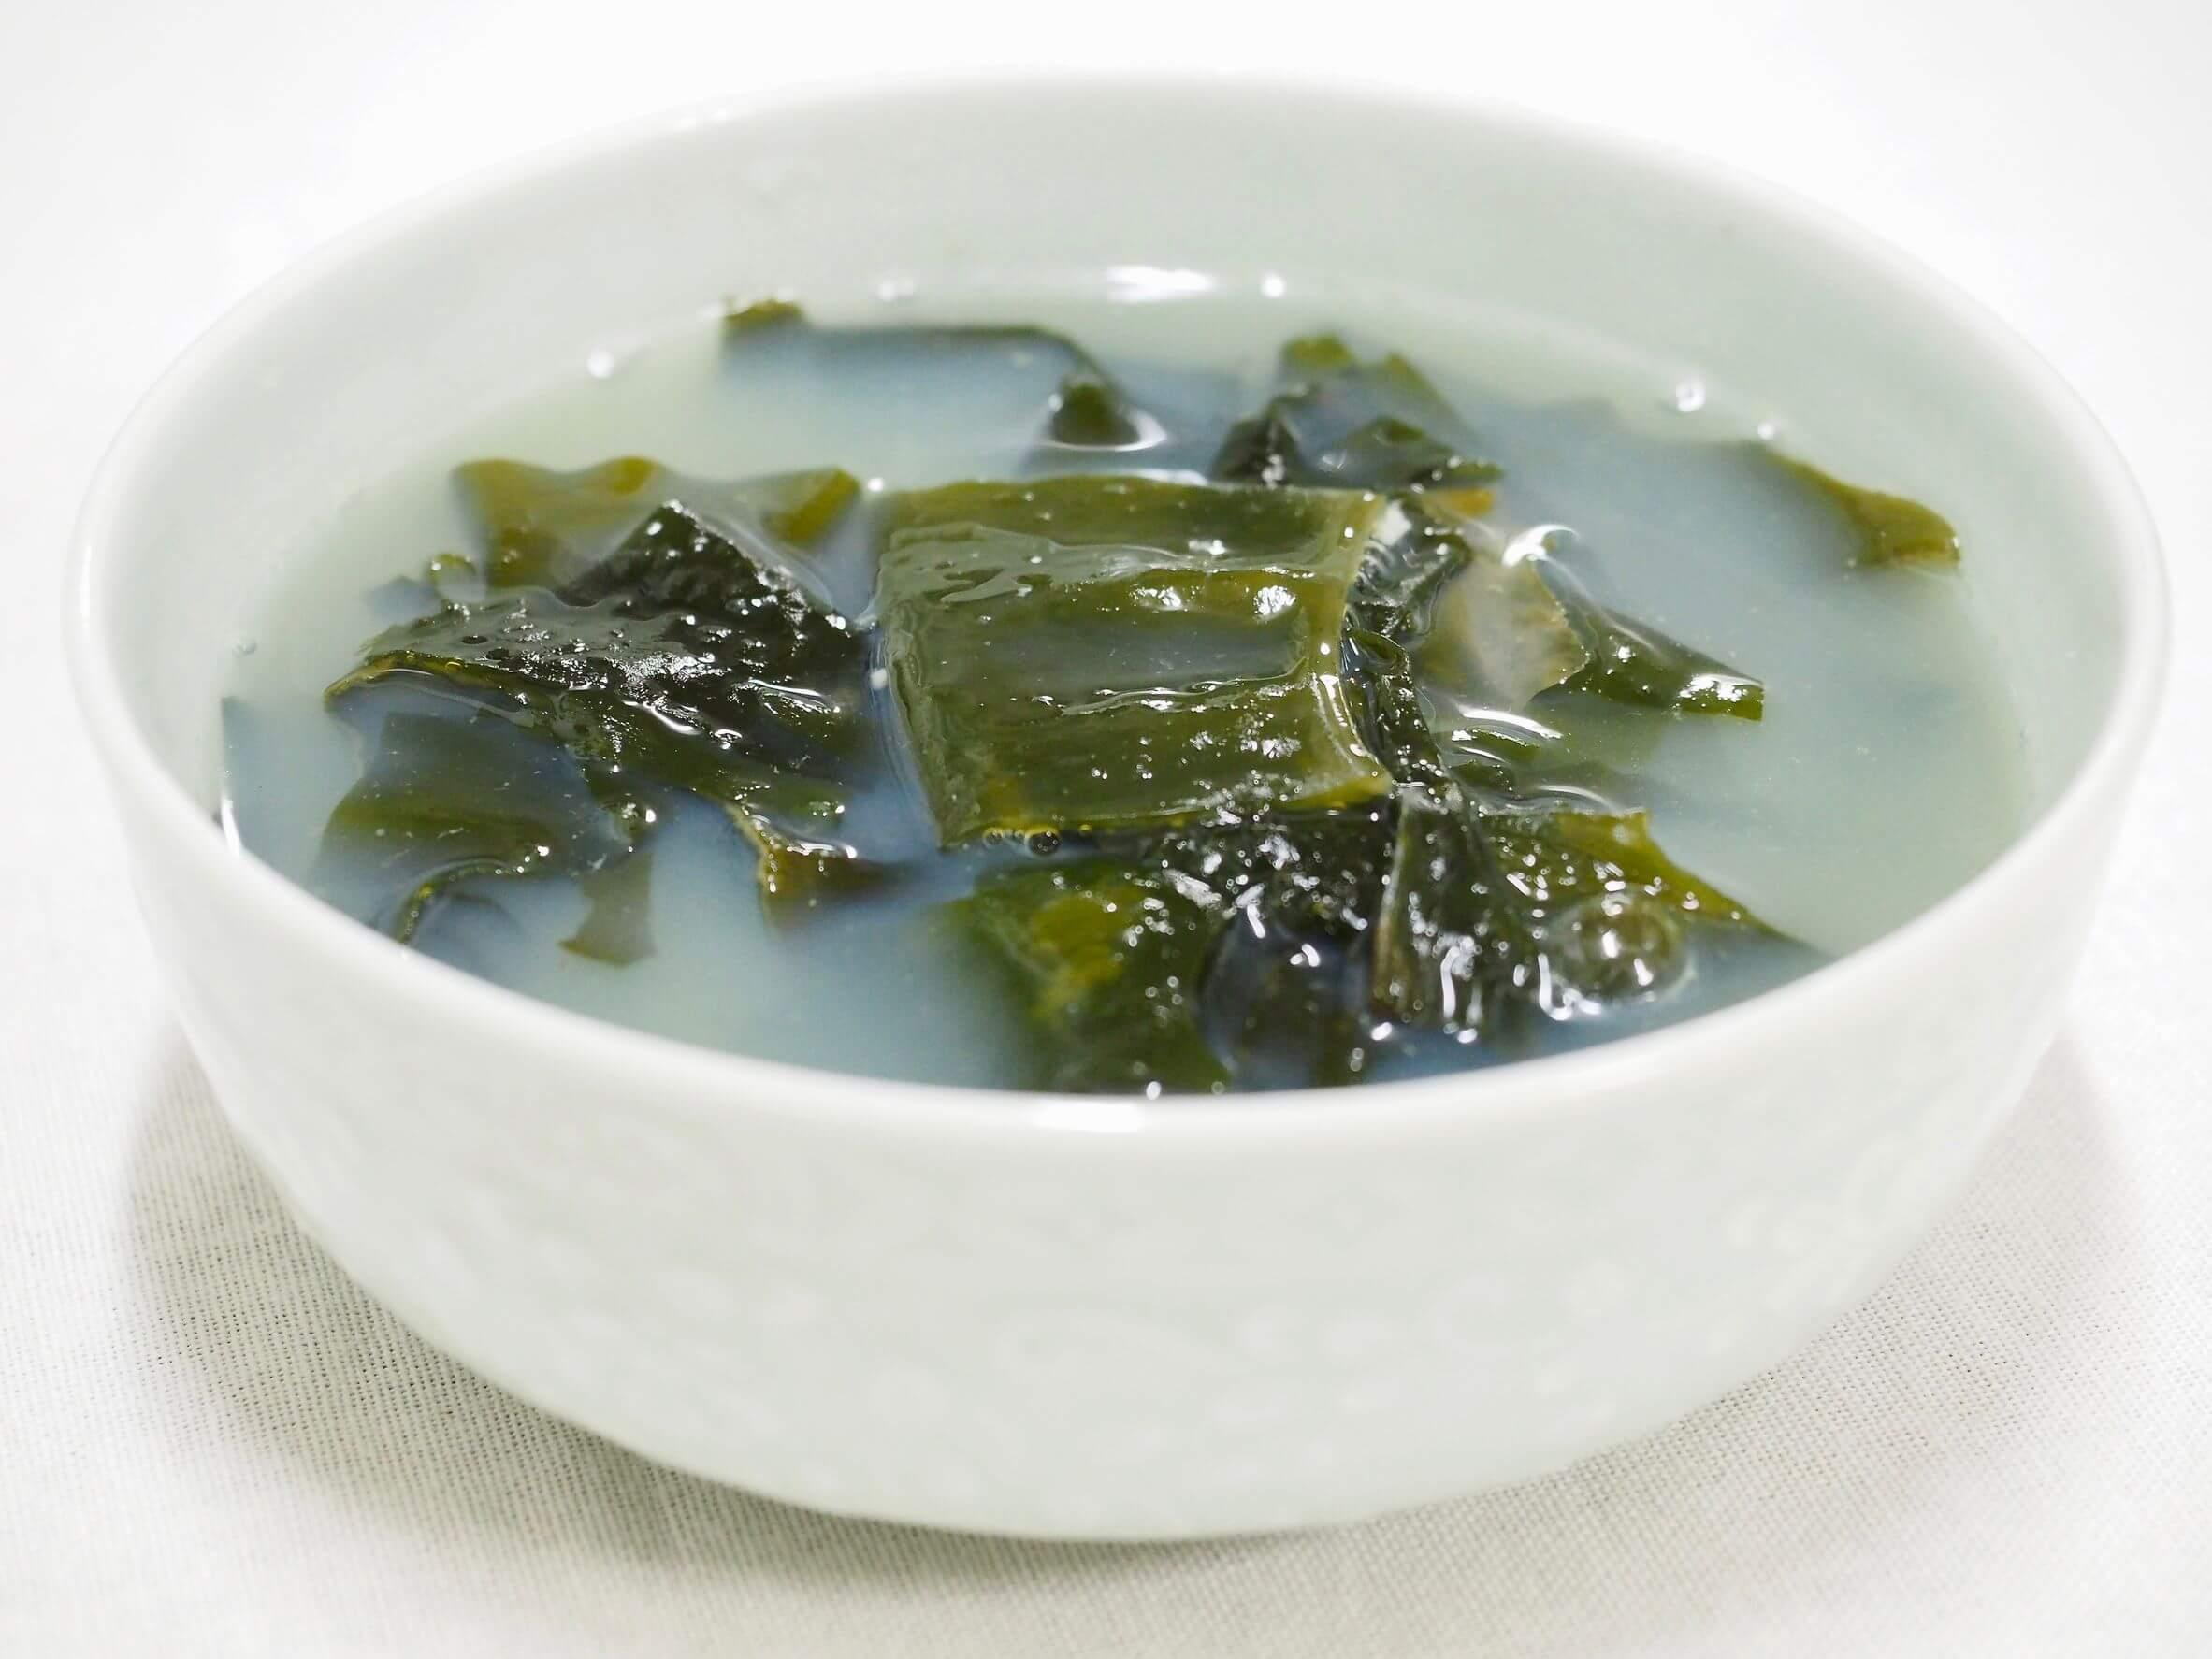 Las algas en la alimentación son comunes.